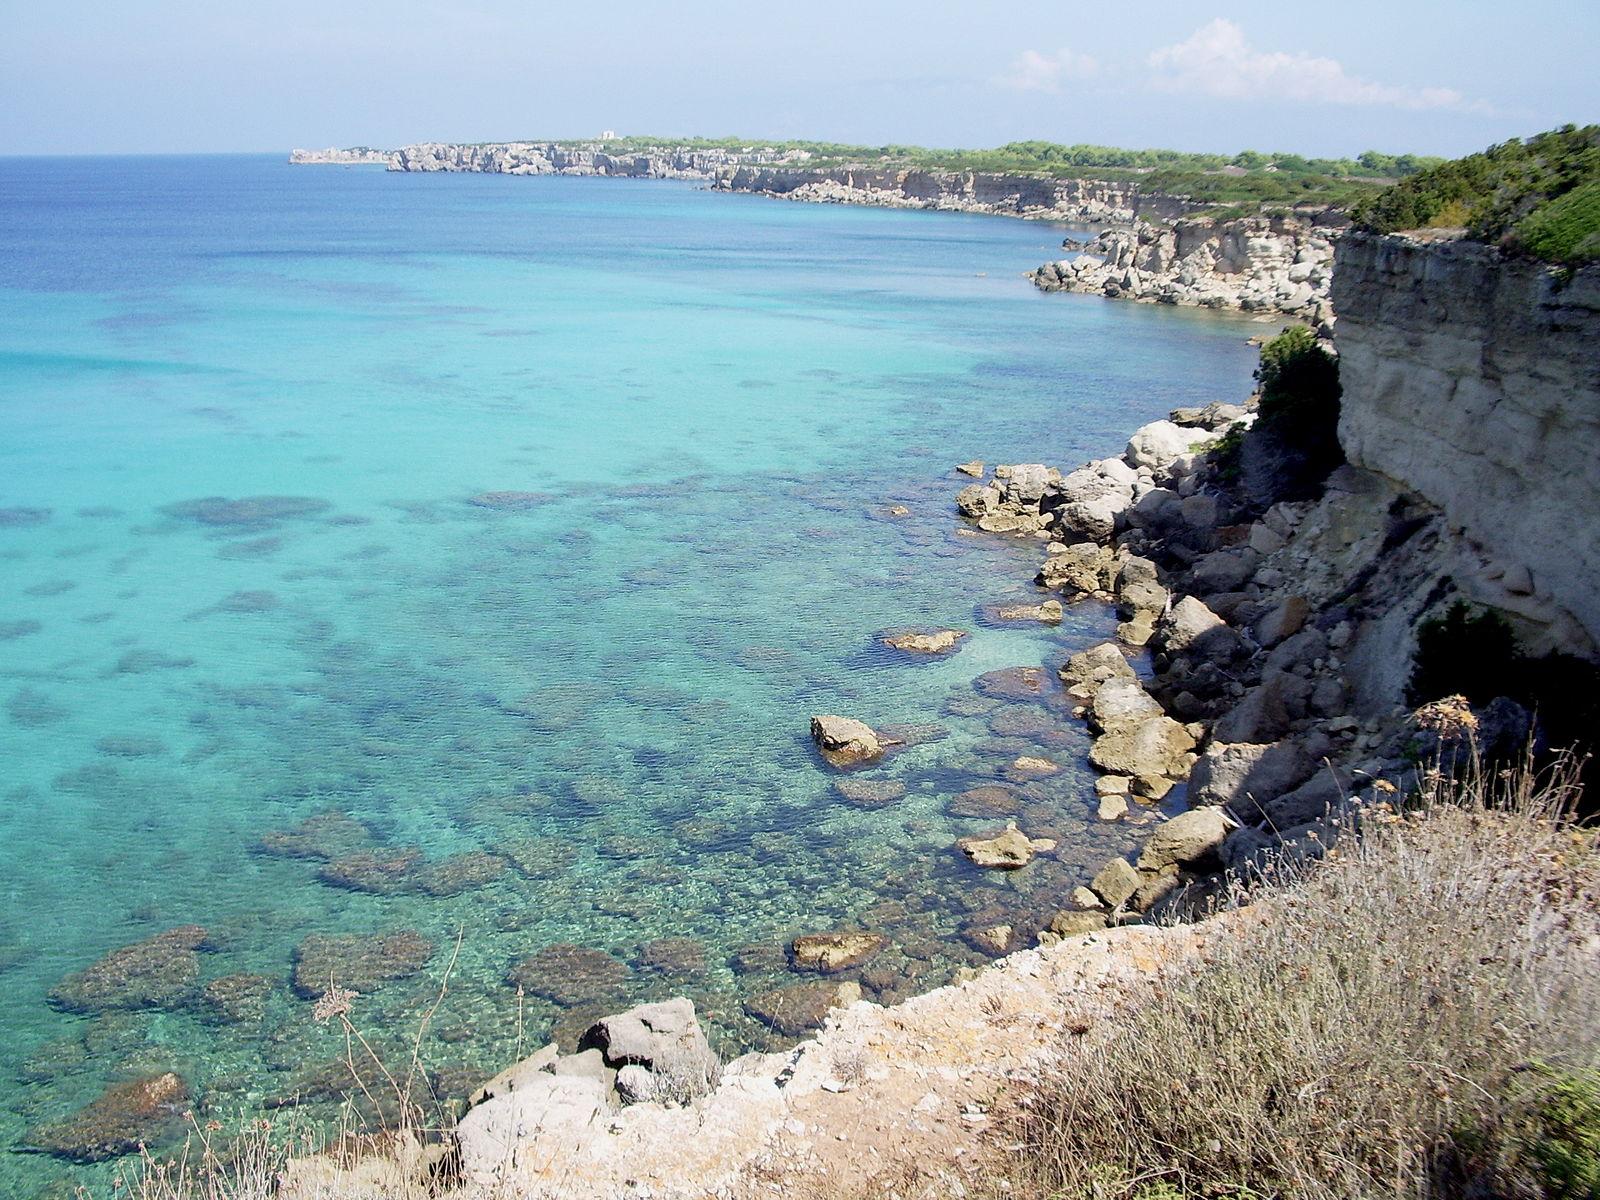 Costa occidentale Pianosa LI 1024x768